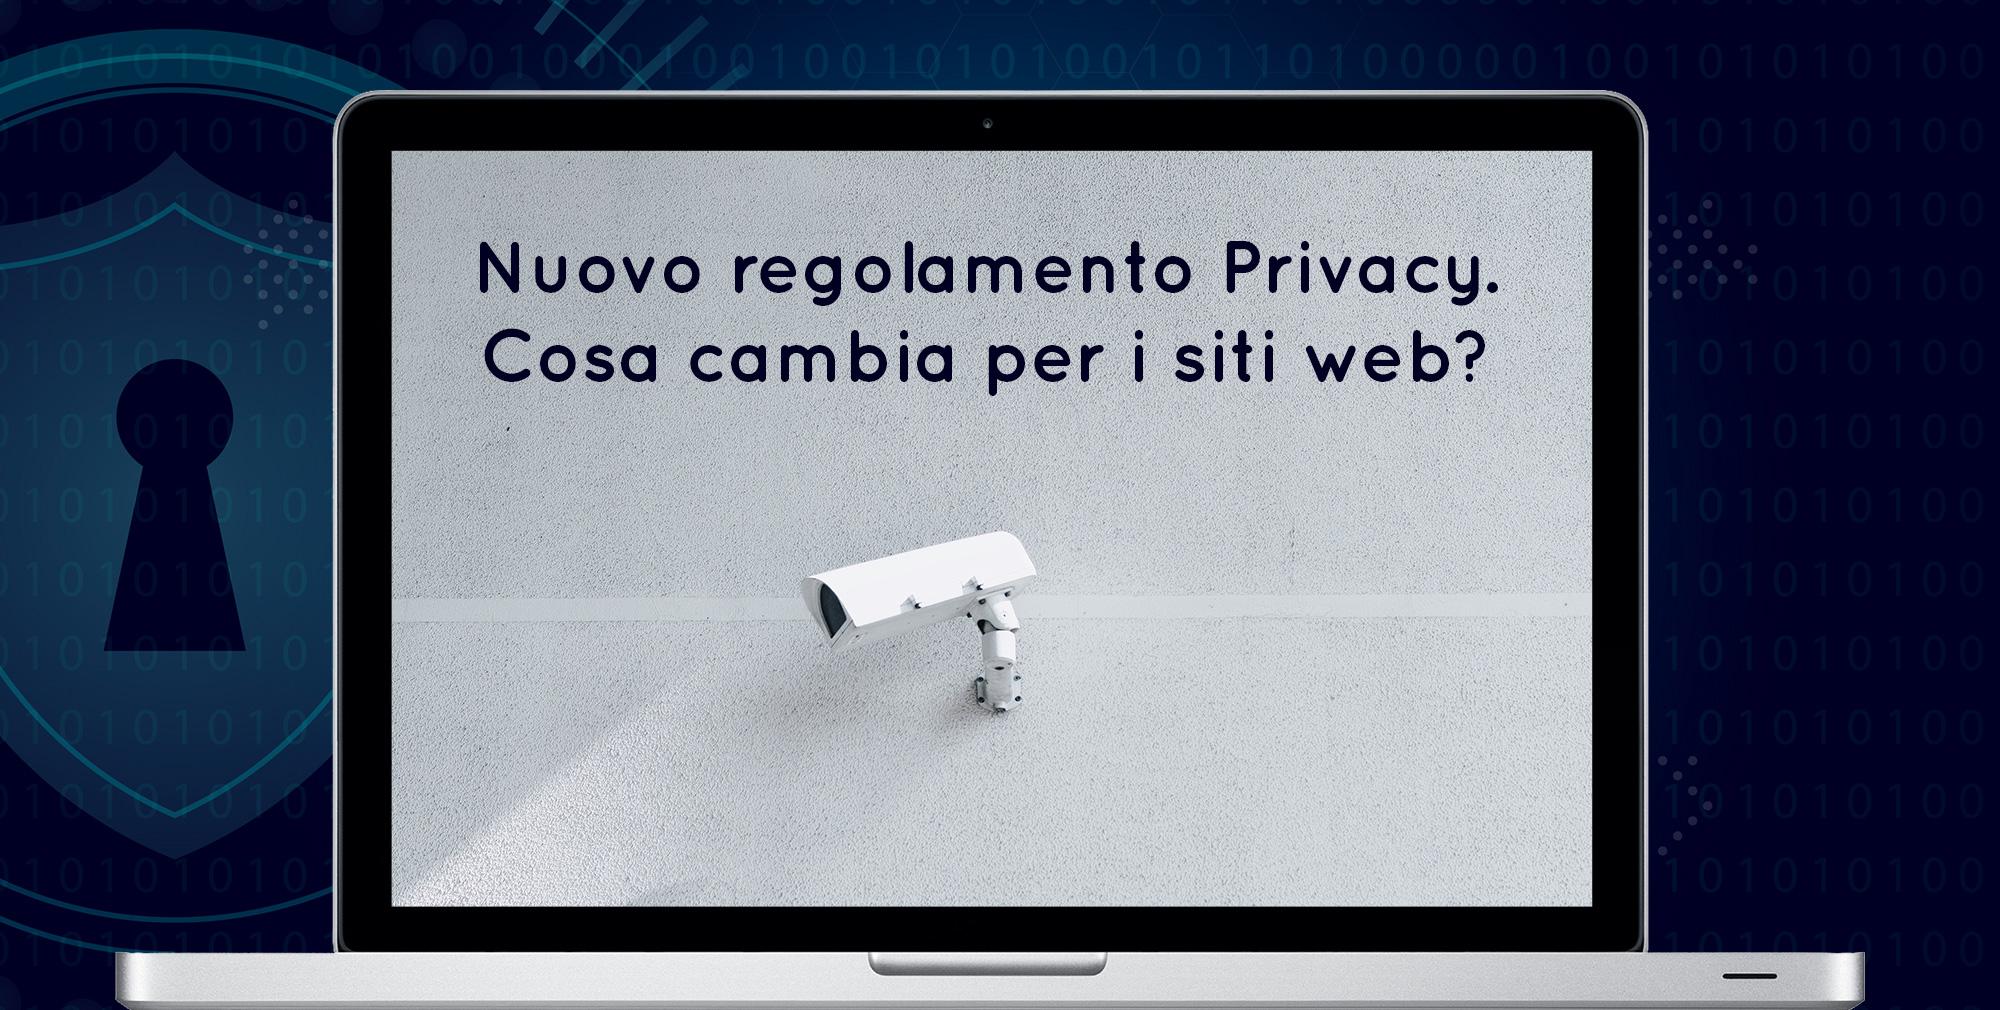 Nuovo regolamento Privacy per i siti web